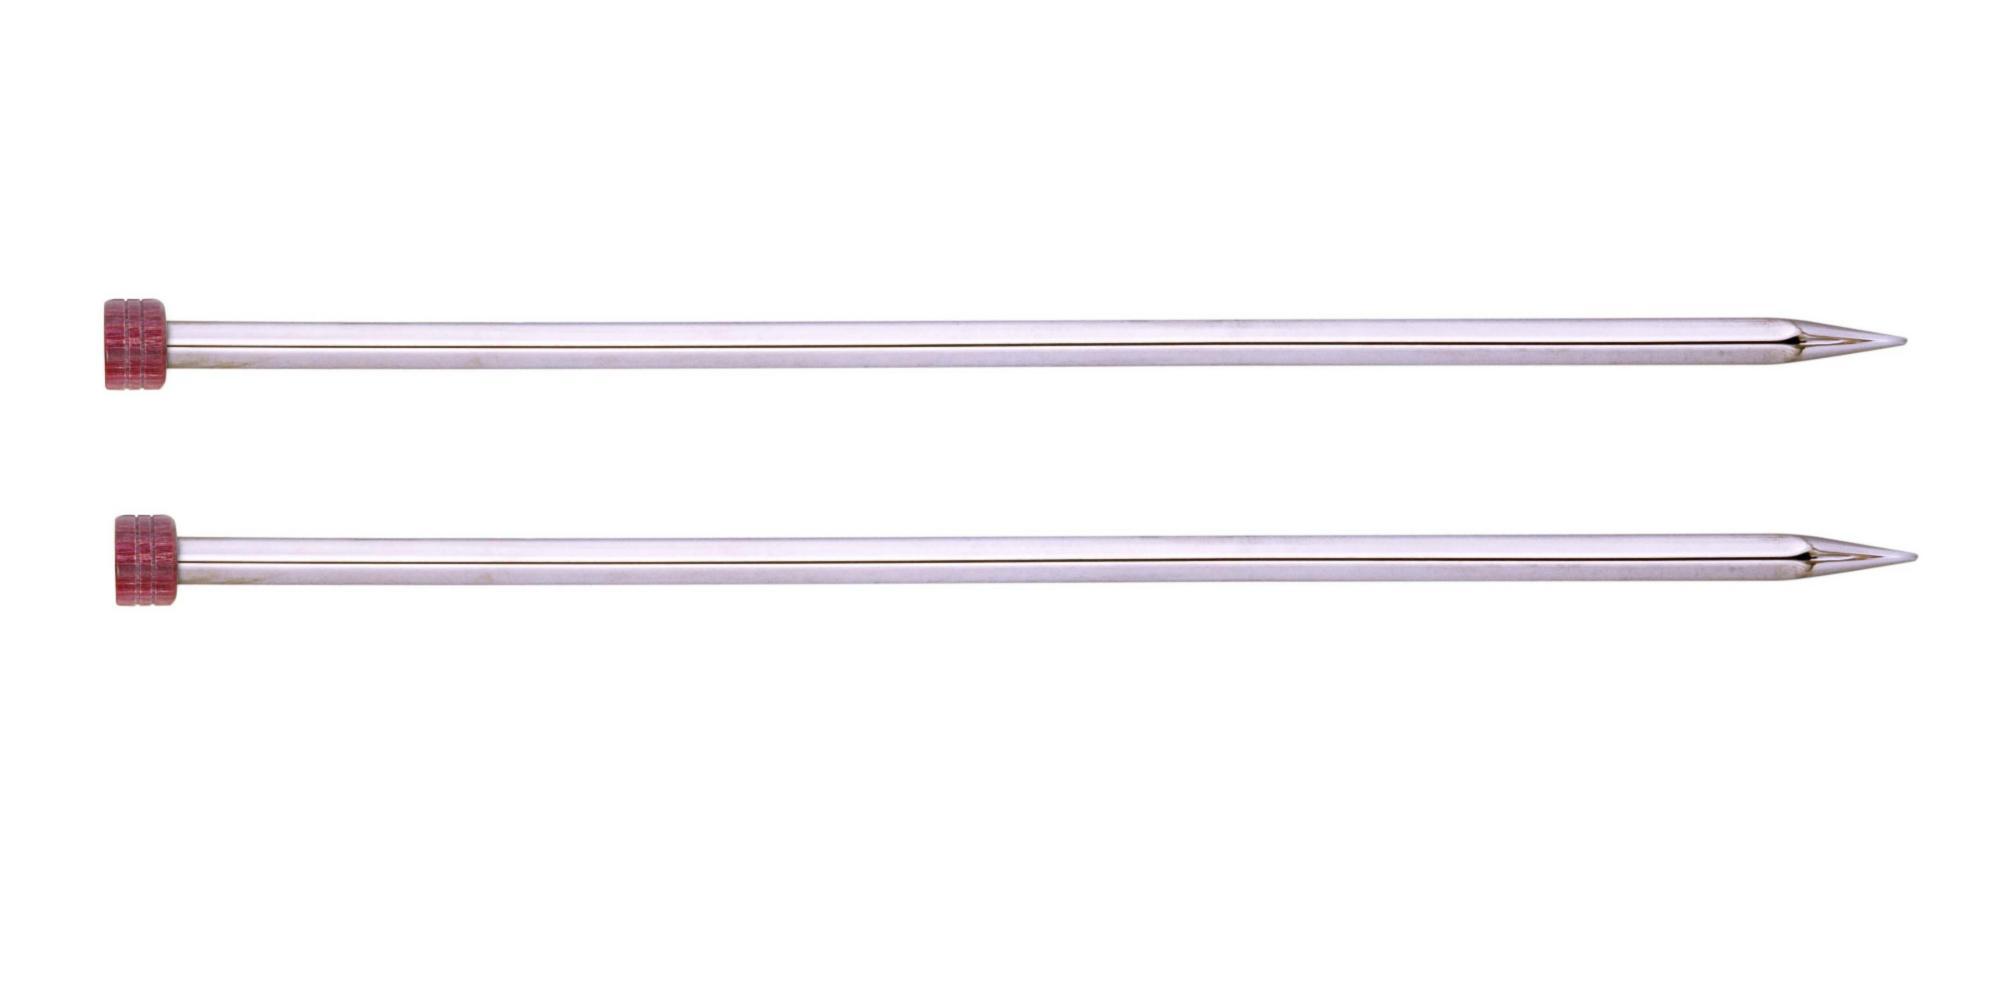 Спицы прямые 25 см Nova Cubics KnitPro, 12261, 6.00 мм